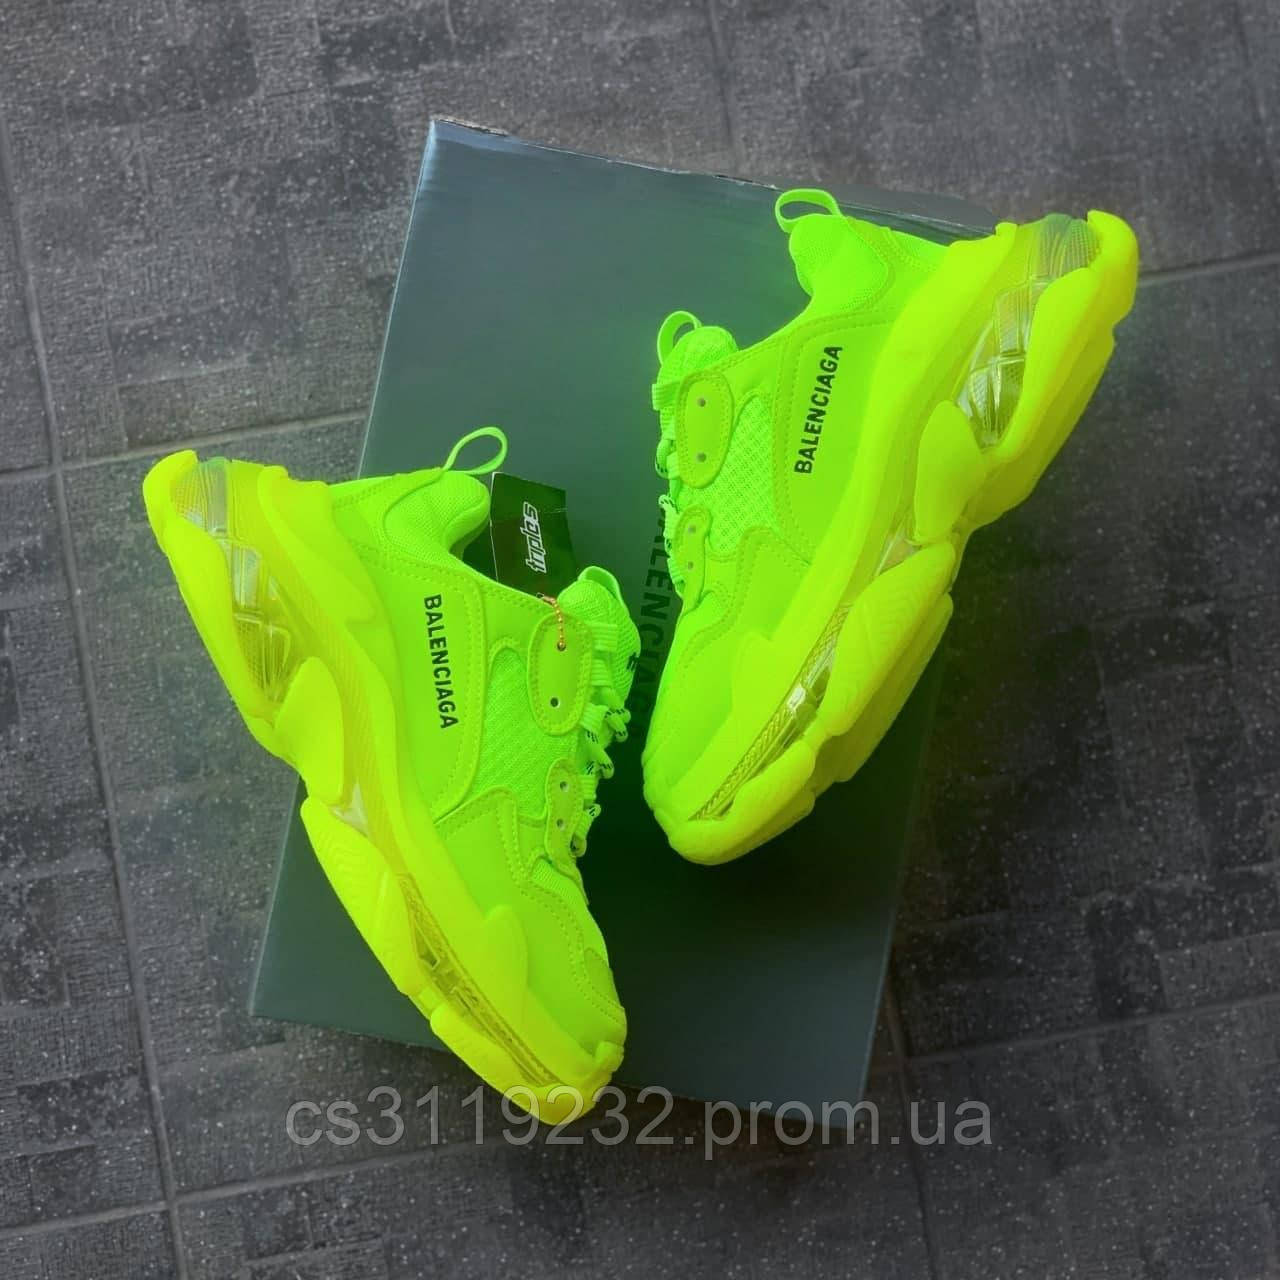 Жіночі кросівки Balenciaga Triple S Clear Sole Lime (жовтий)